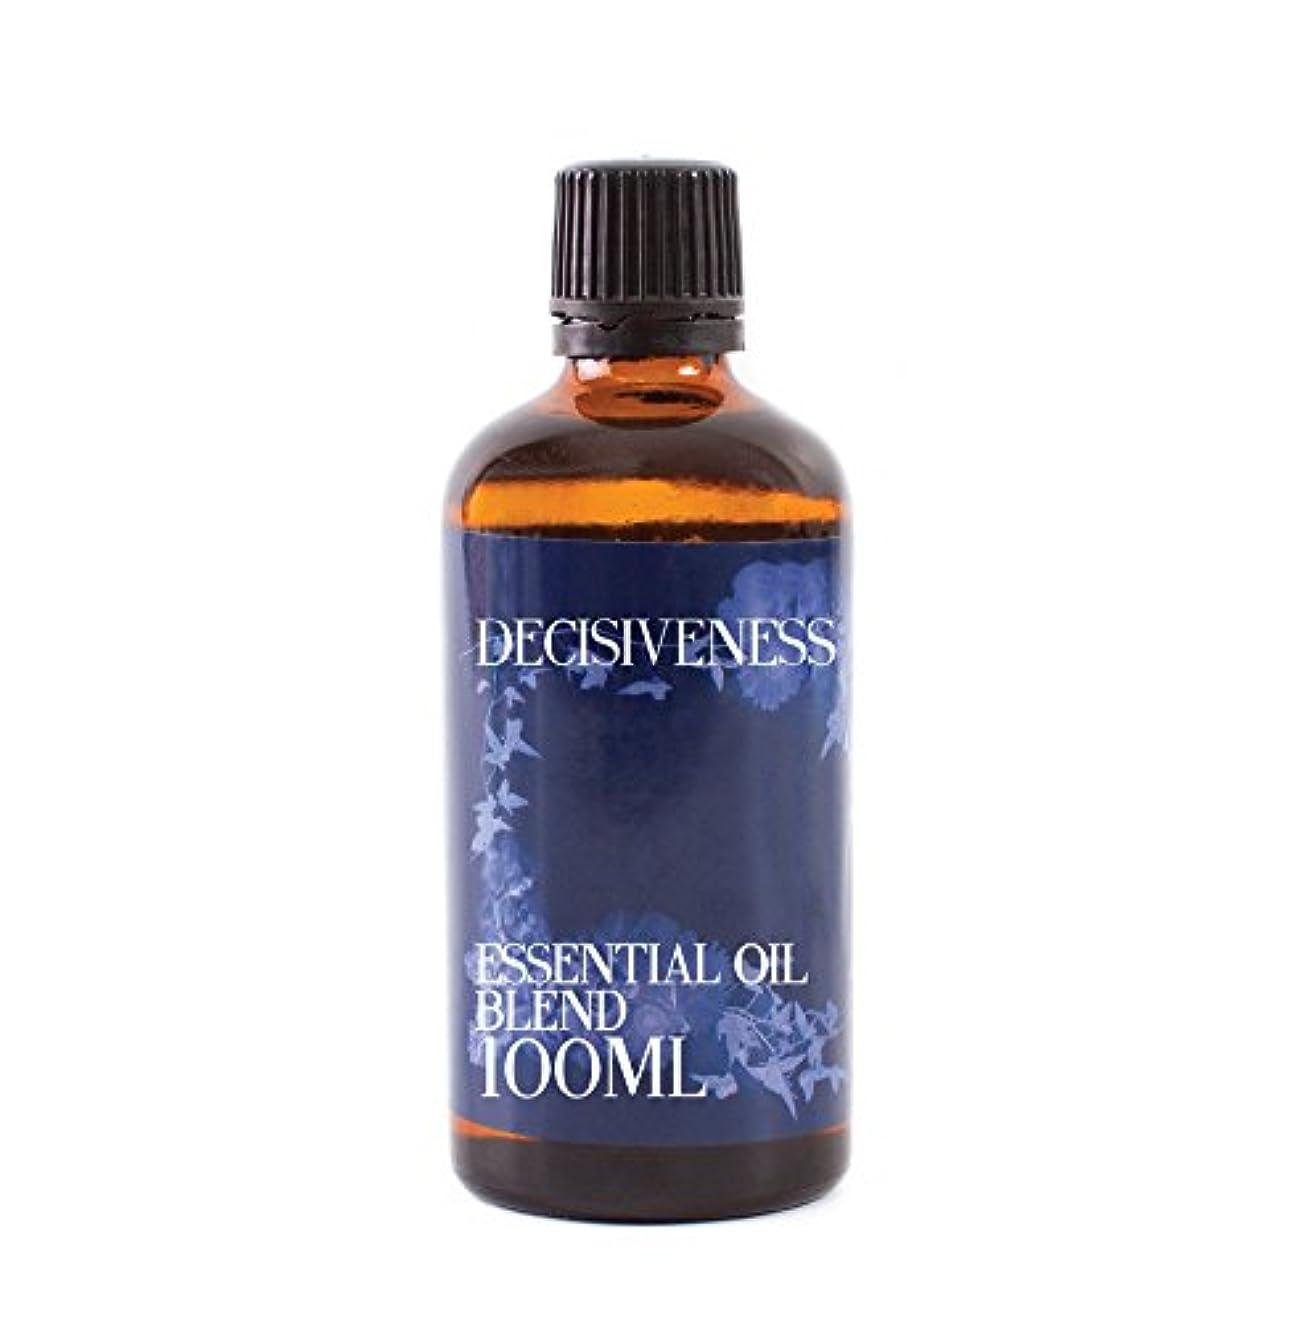 賢明な作成者ジョットディボンドンMystic Moments | Decisiveness Essential Oil Blend - 100ml - 100% Pure